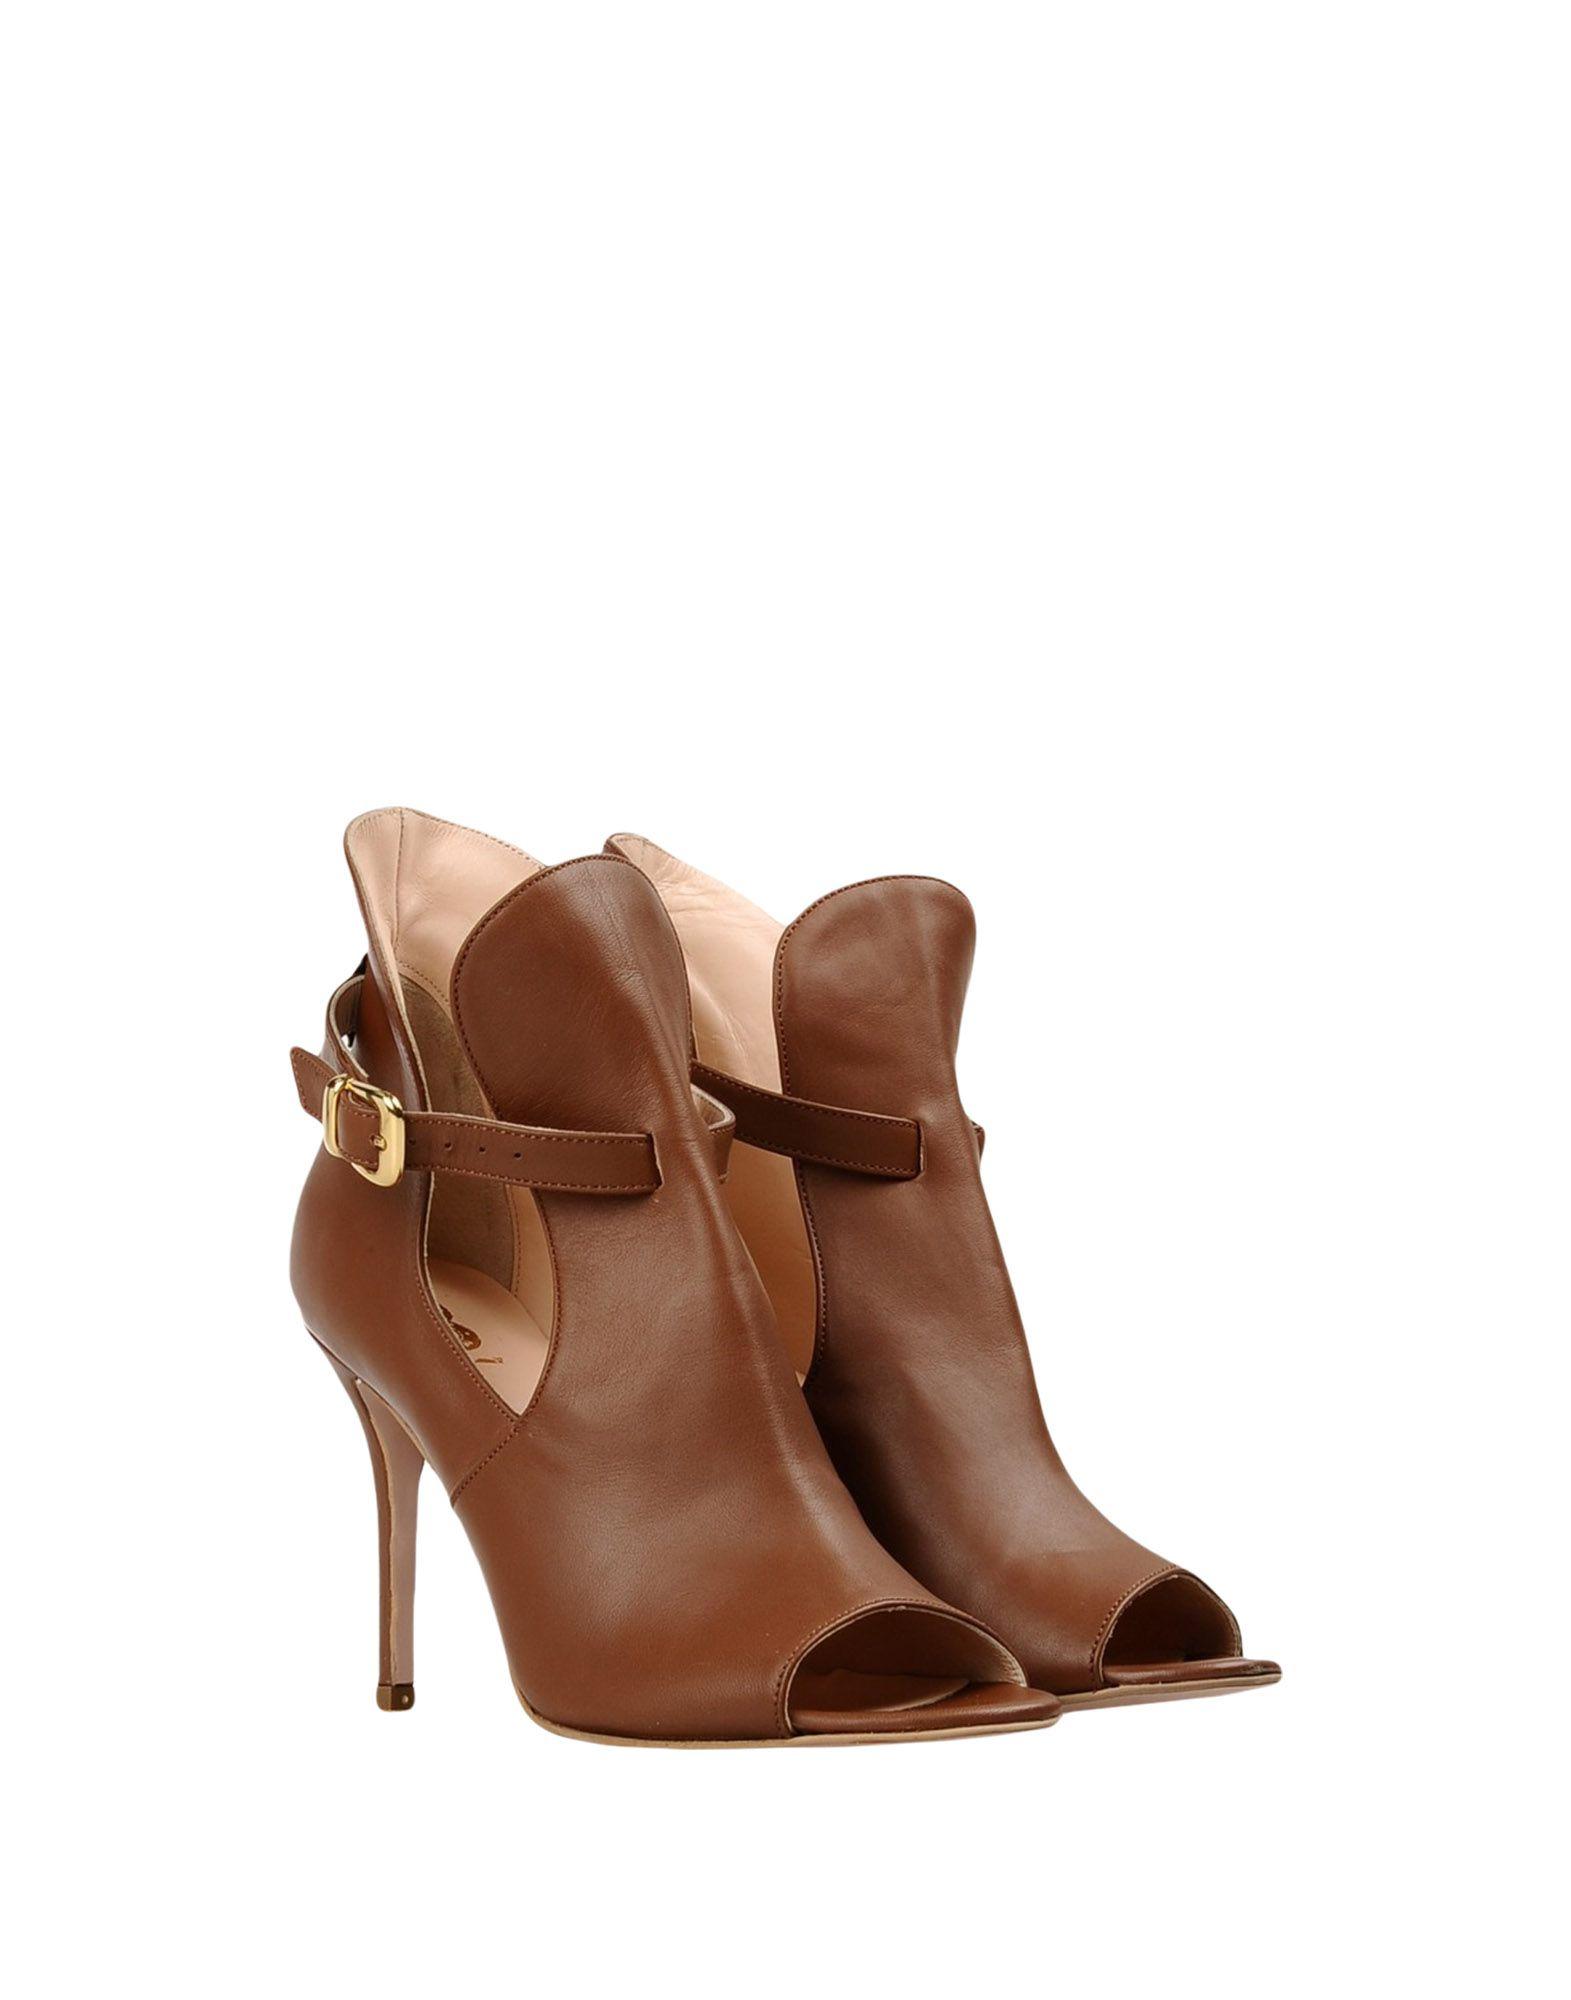 8 11423118WF Stiefelette Damen  11423118WF 8 Gute Qualität beliebte Schuhe 871d60